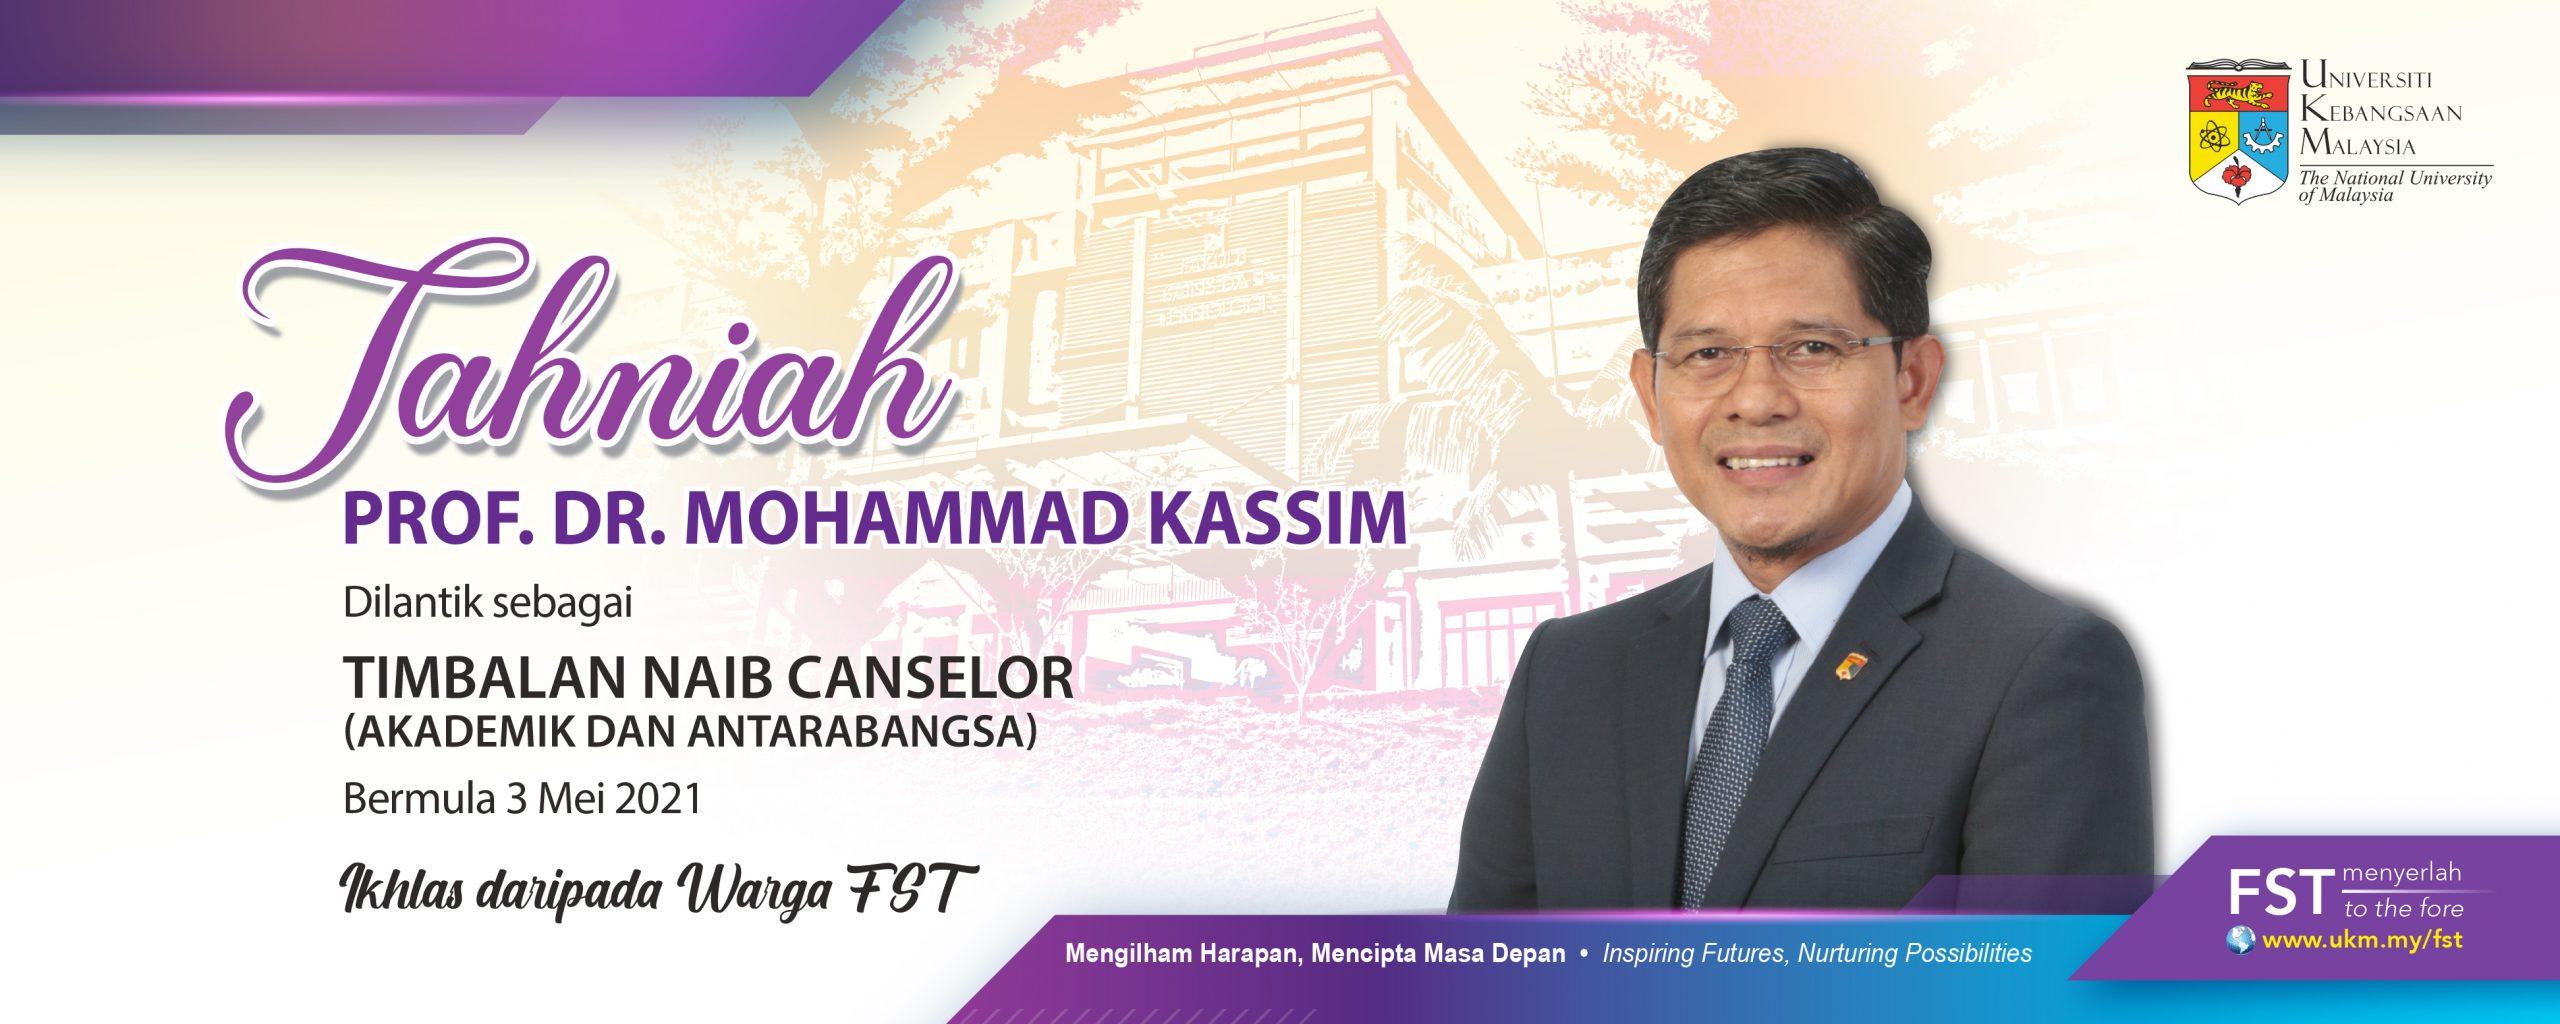 Tahniah Prof. Dr. Mohammad Kassim. Dilantik Sebagai Timbalan Naib Canselor (Akademik Dan Antarabangsa)